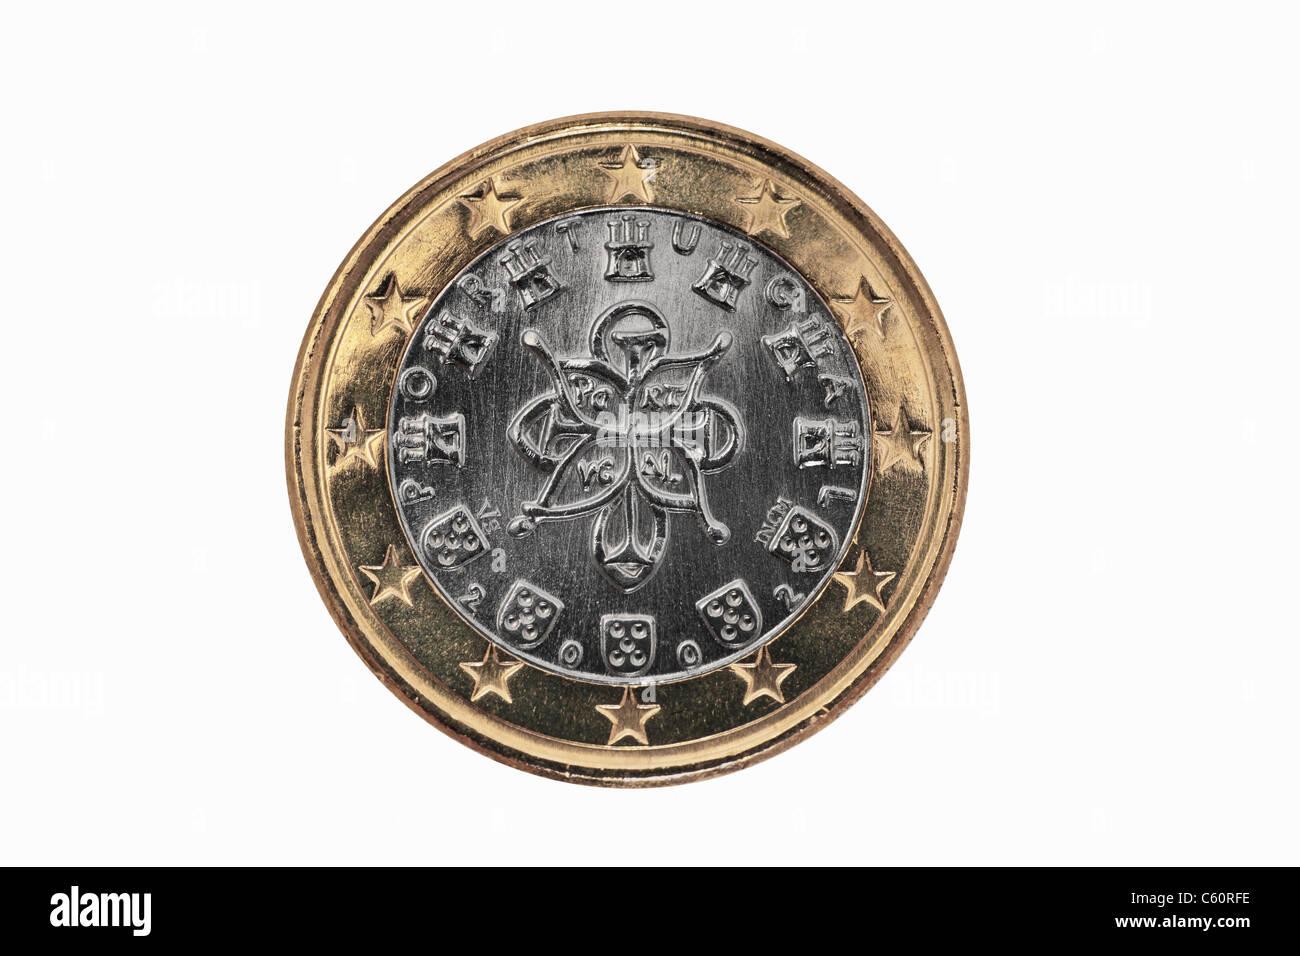 Detailansicht Der Rückseite Einer 1 Euro Münze Aus Portugal